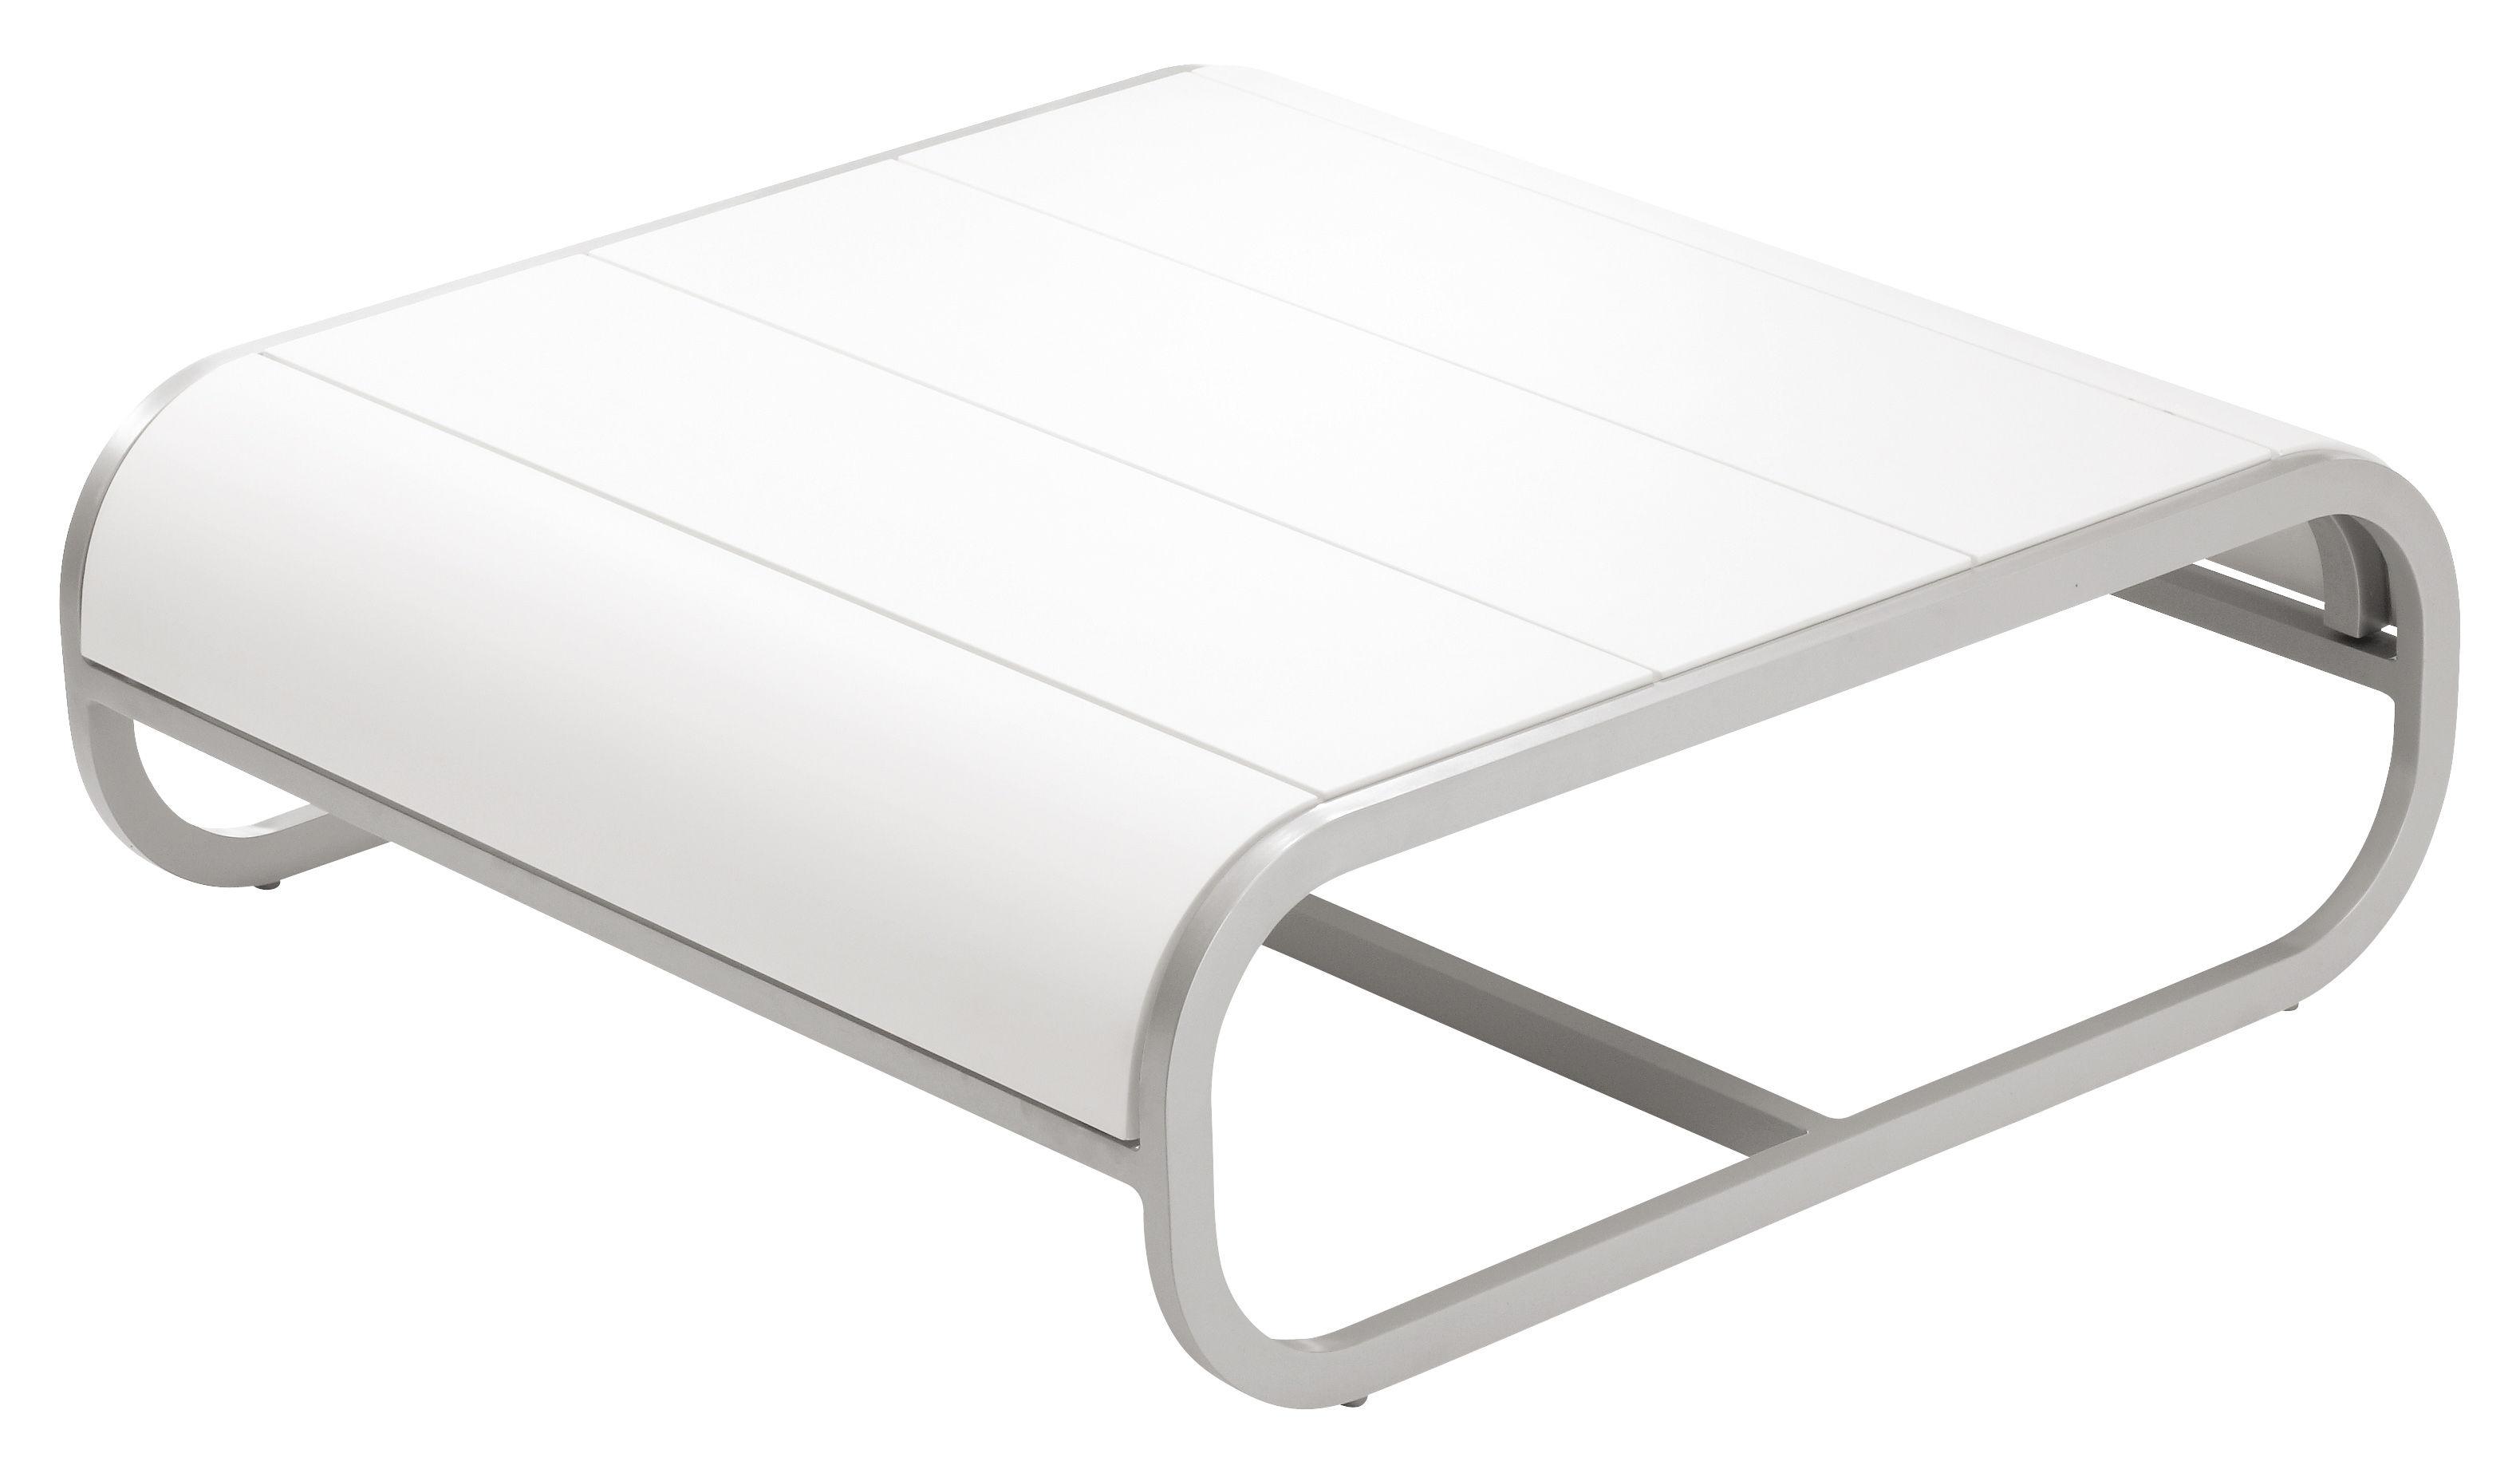 Arredamento - Tavolini  - Tavolino Tandem - Versione corian di EGO Paris - Corian bianco - Alluminio laccato, Corian